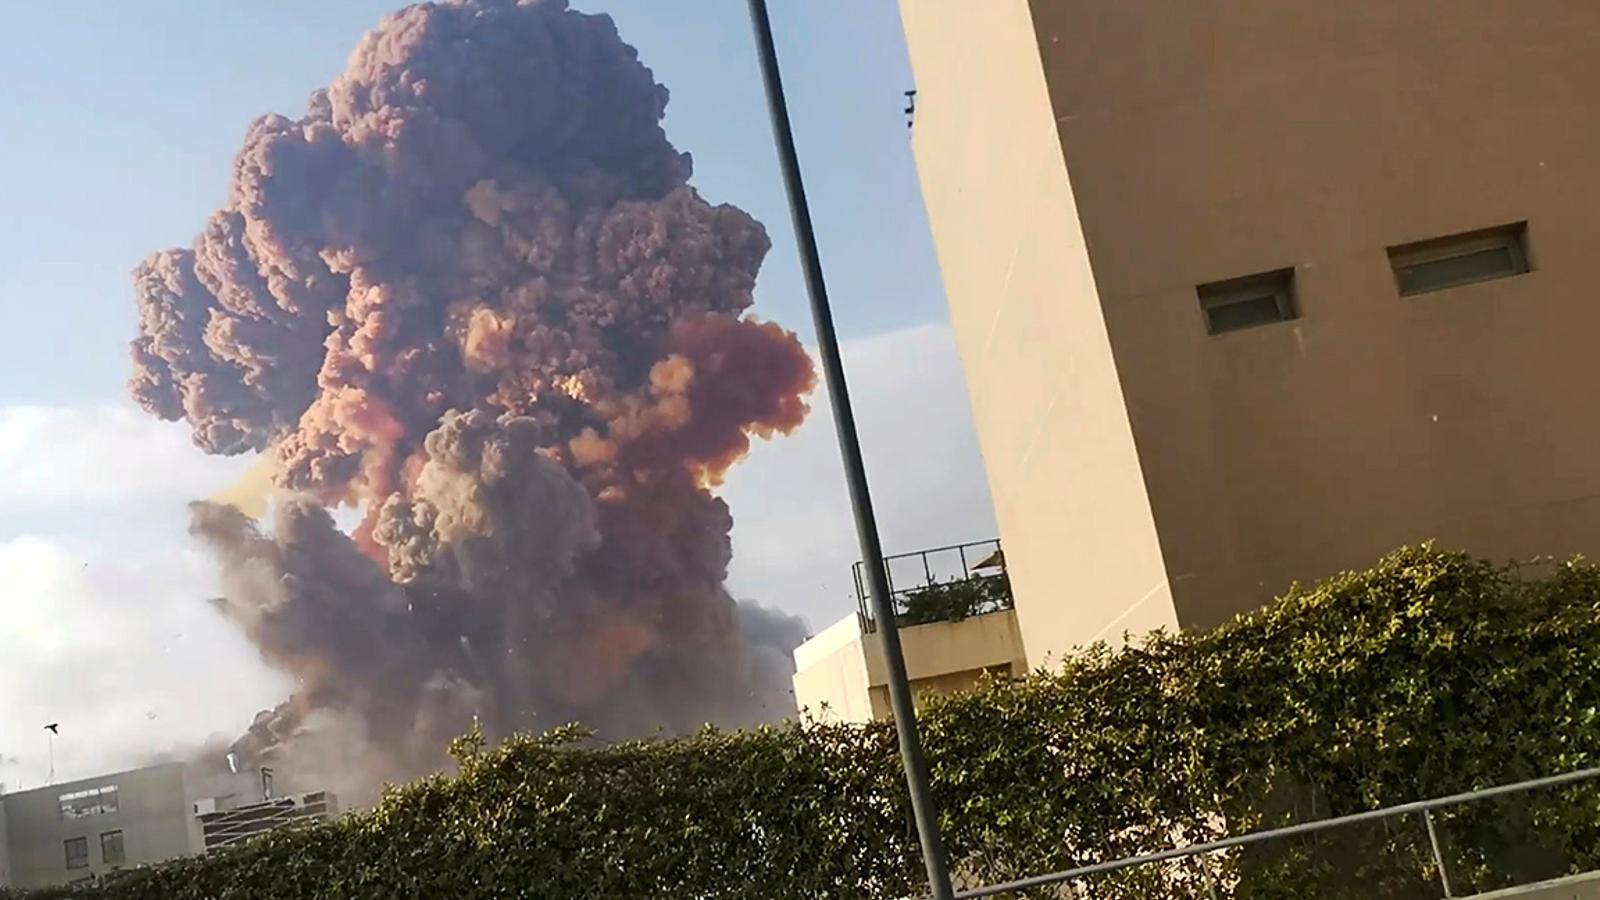 L'explosió al port de Beirut ha provocat una enorme columna de fum